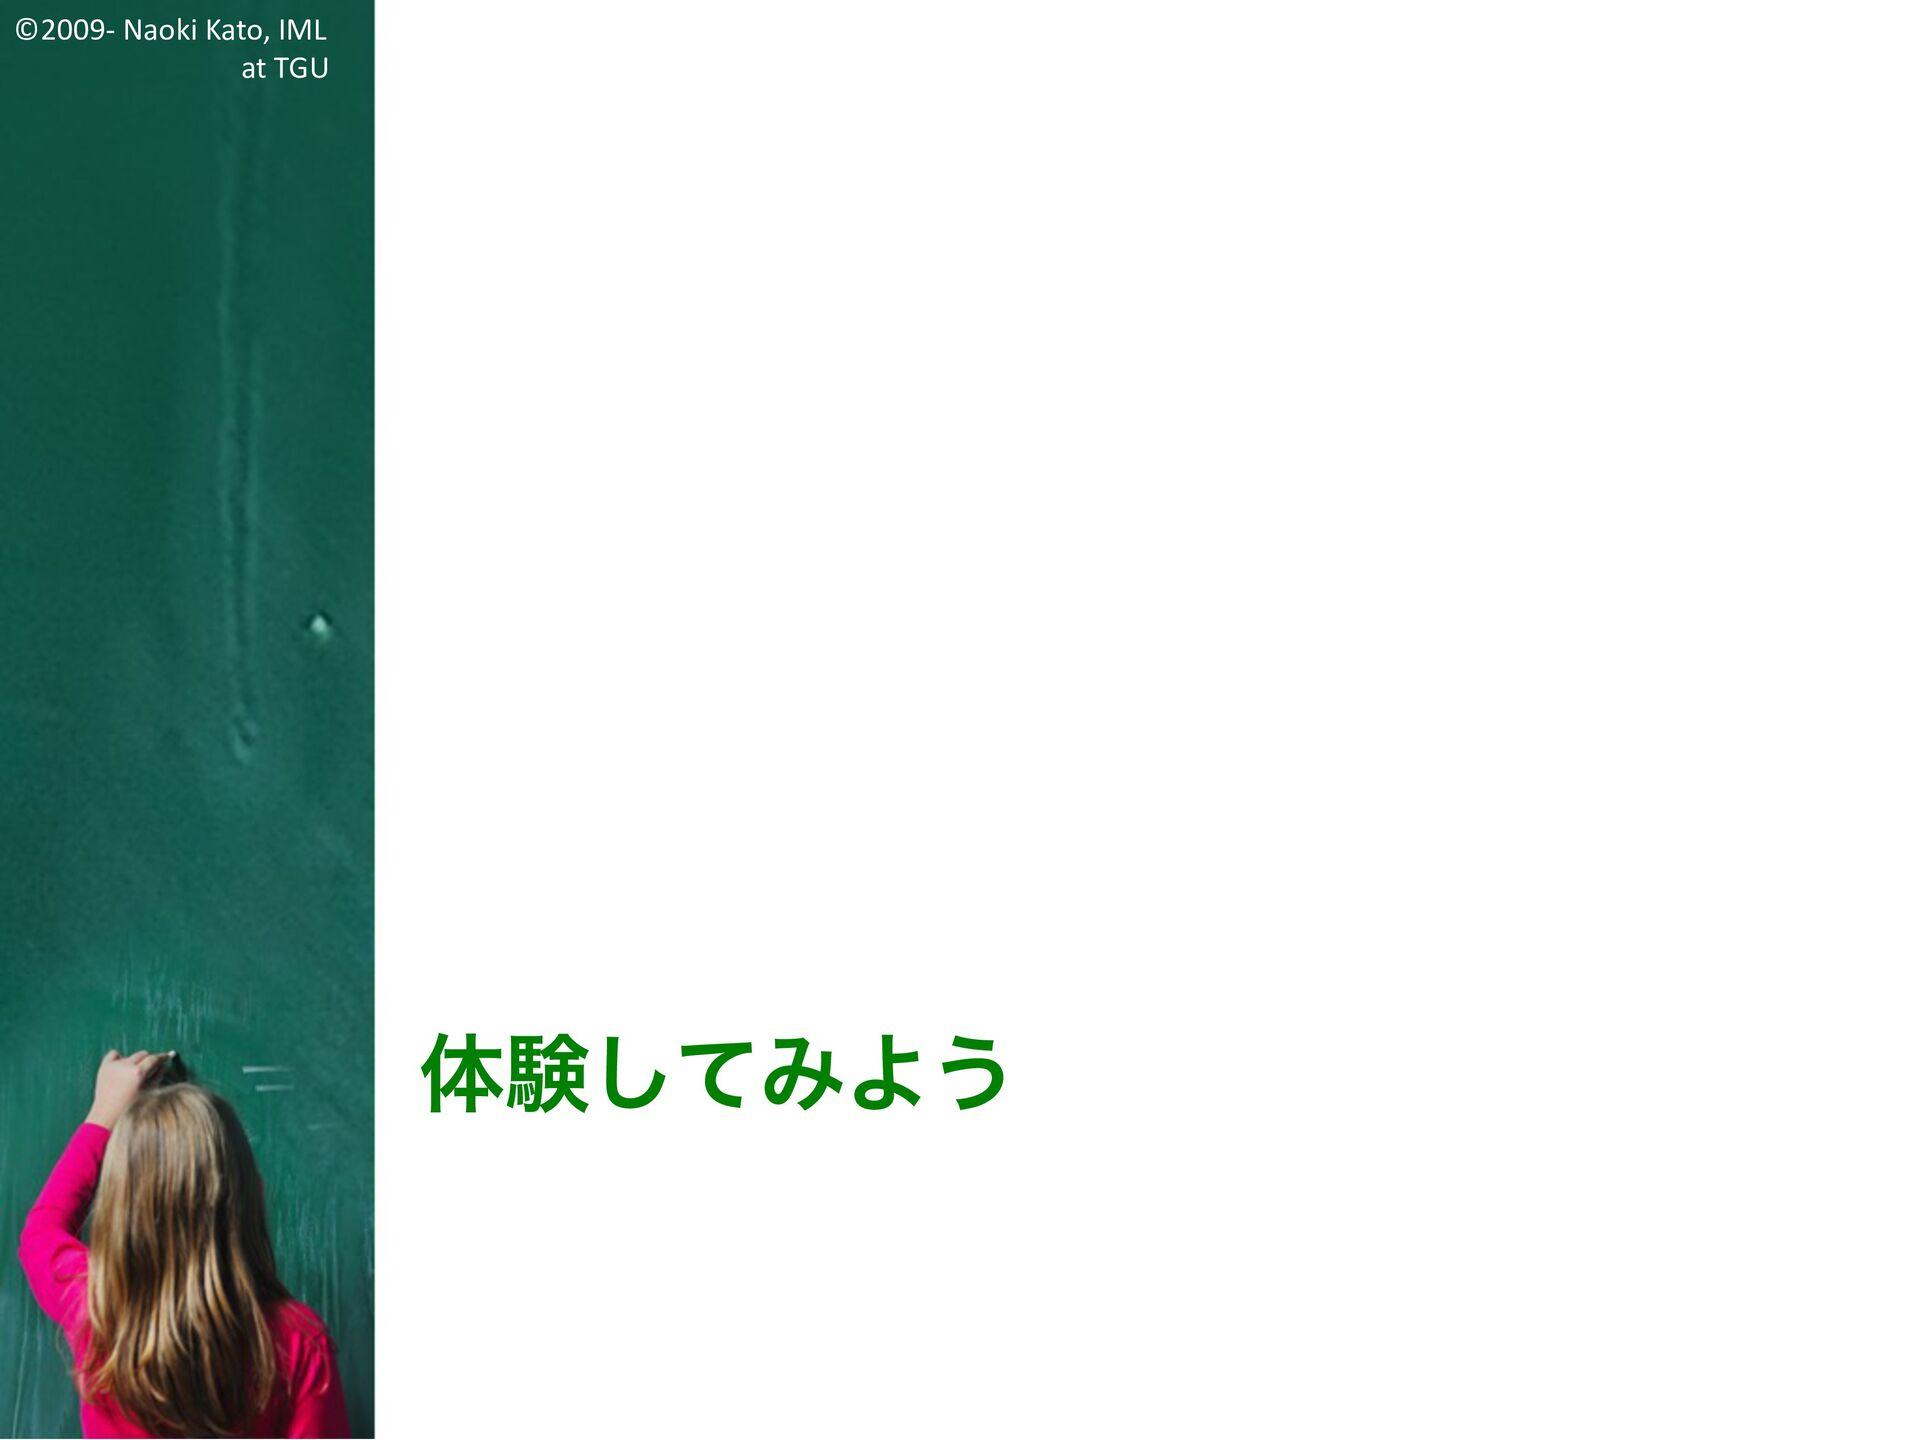 ©2009- Naoki Kato, IML at TGU 国語科でのプログラミング教育 手順...